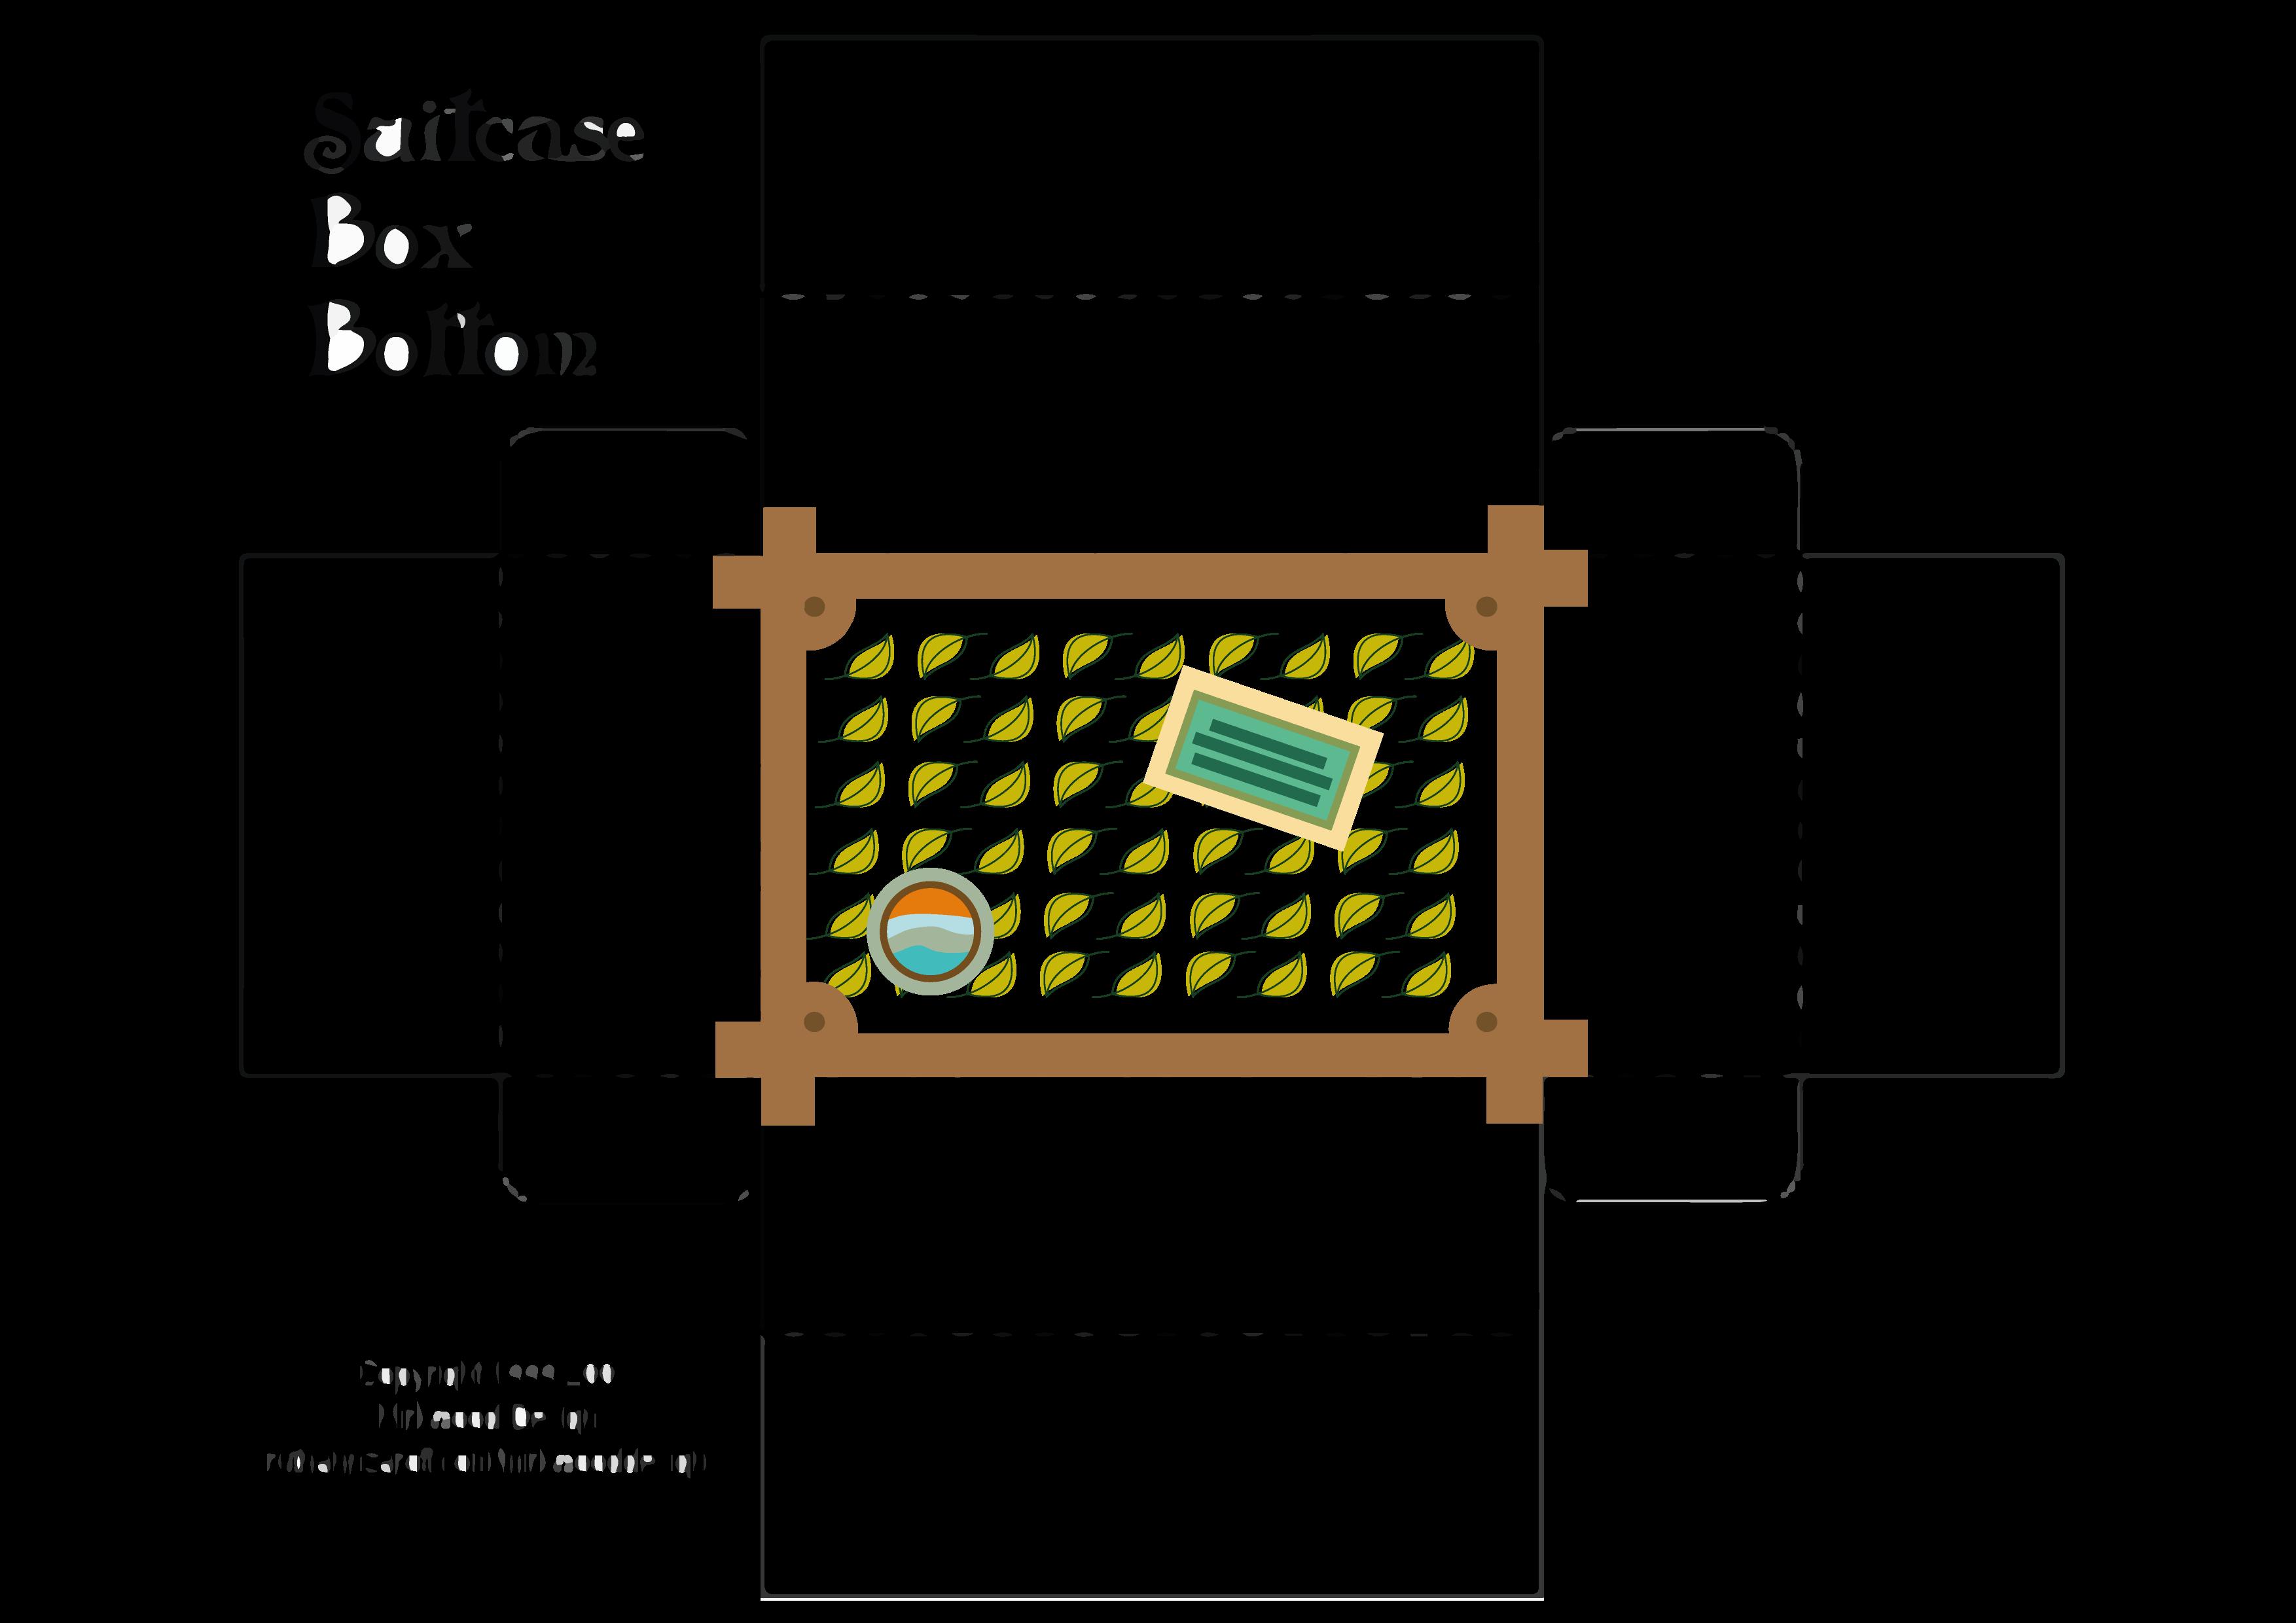 Sagoma della valigetta che puoi utilizzare per creare la tua confezione regalo in cartoncino riciclato - RETRO